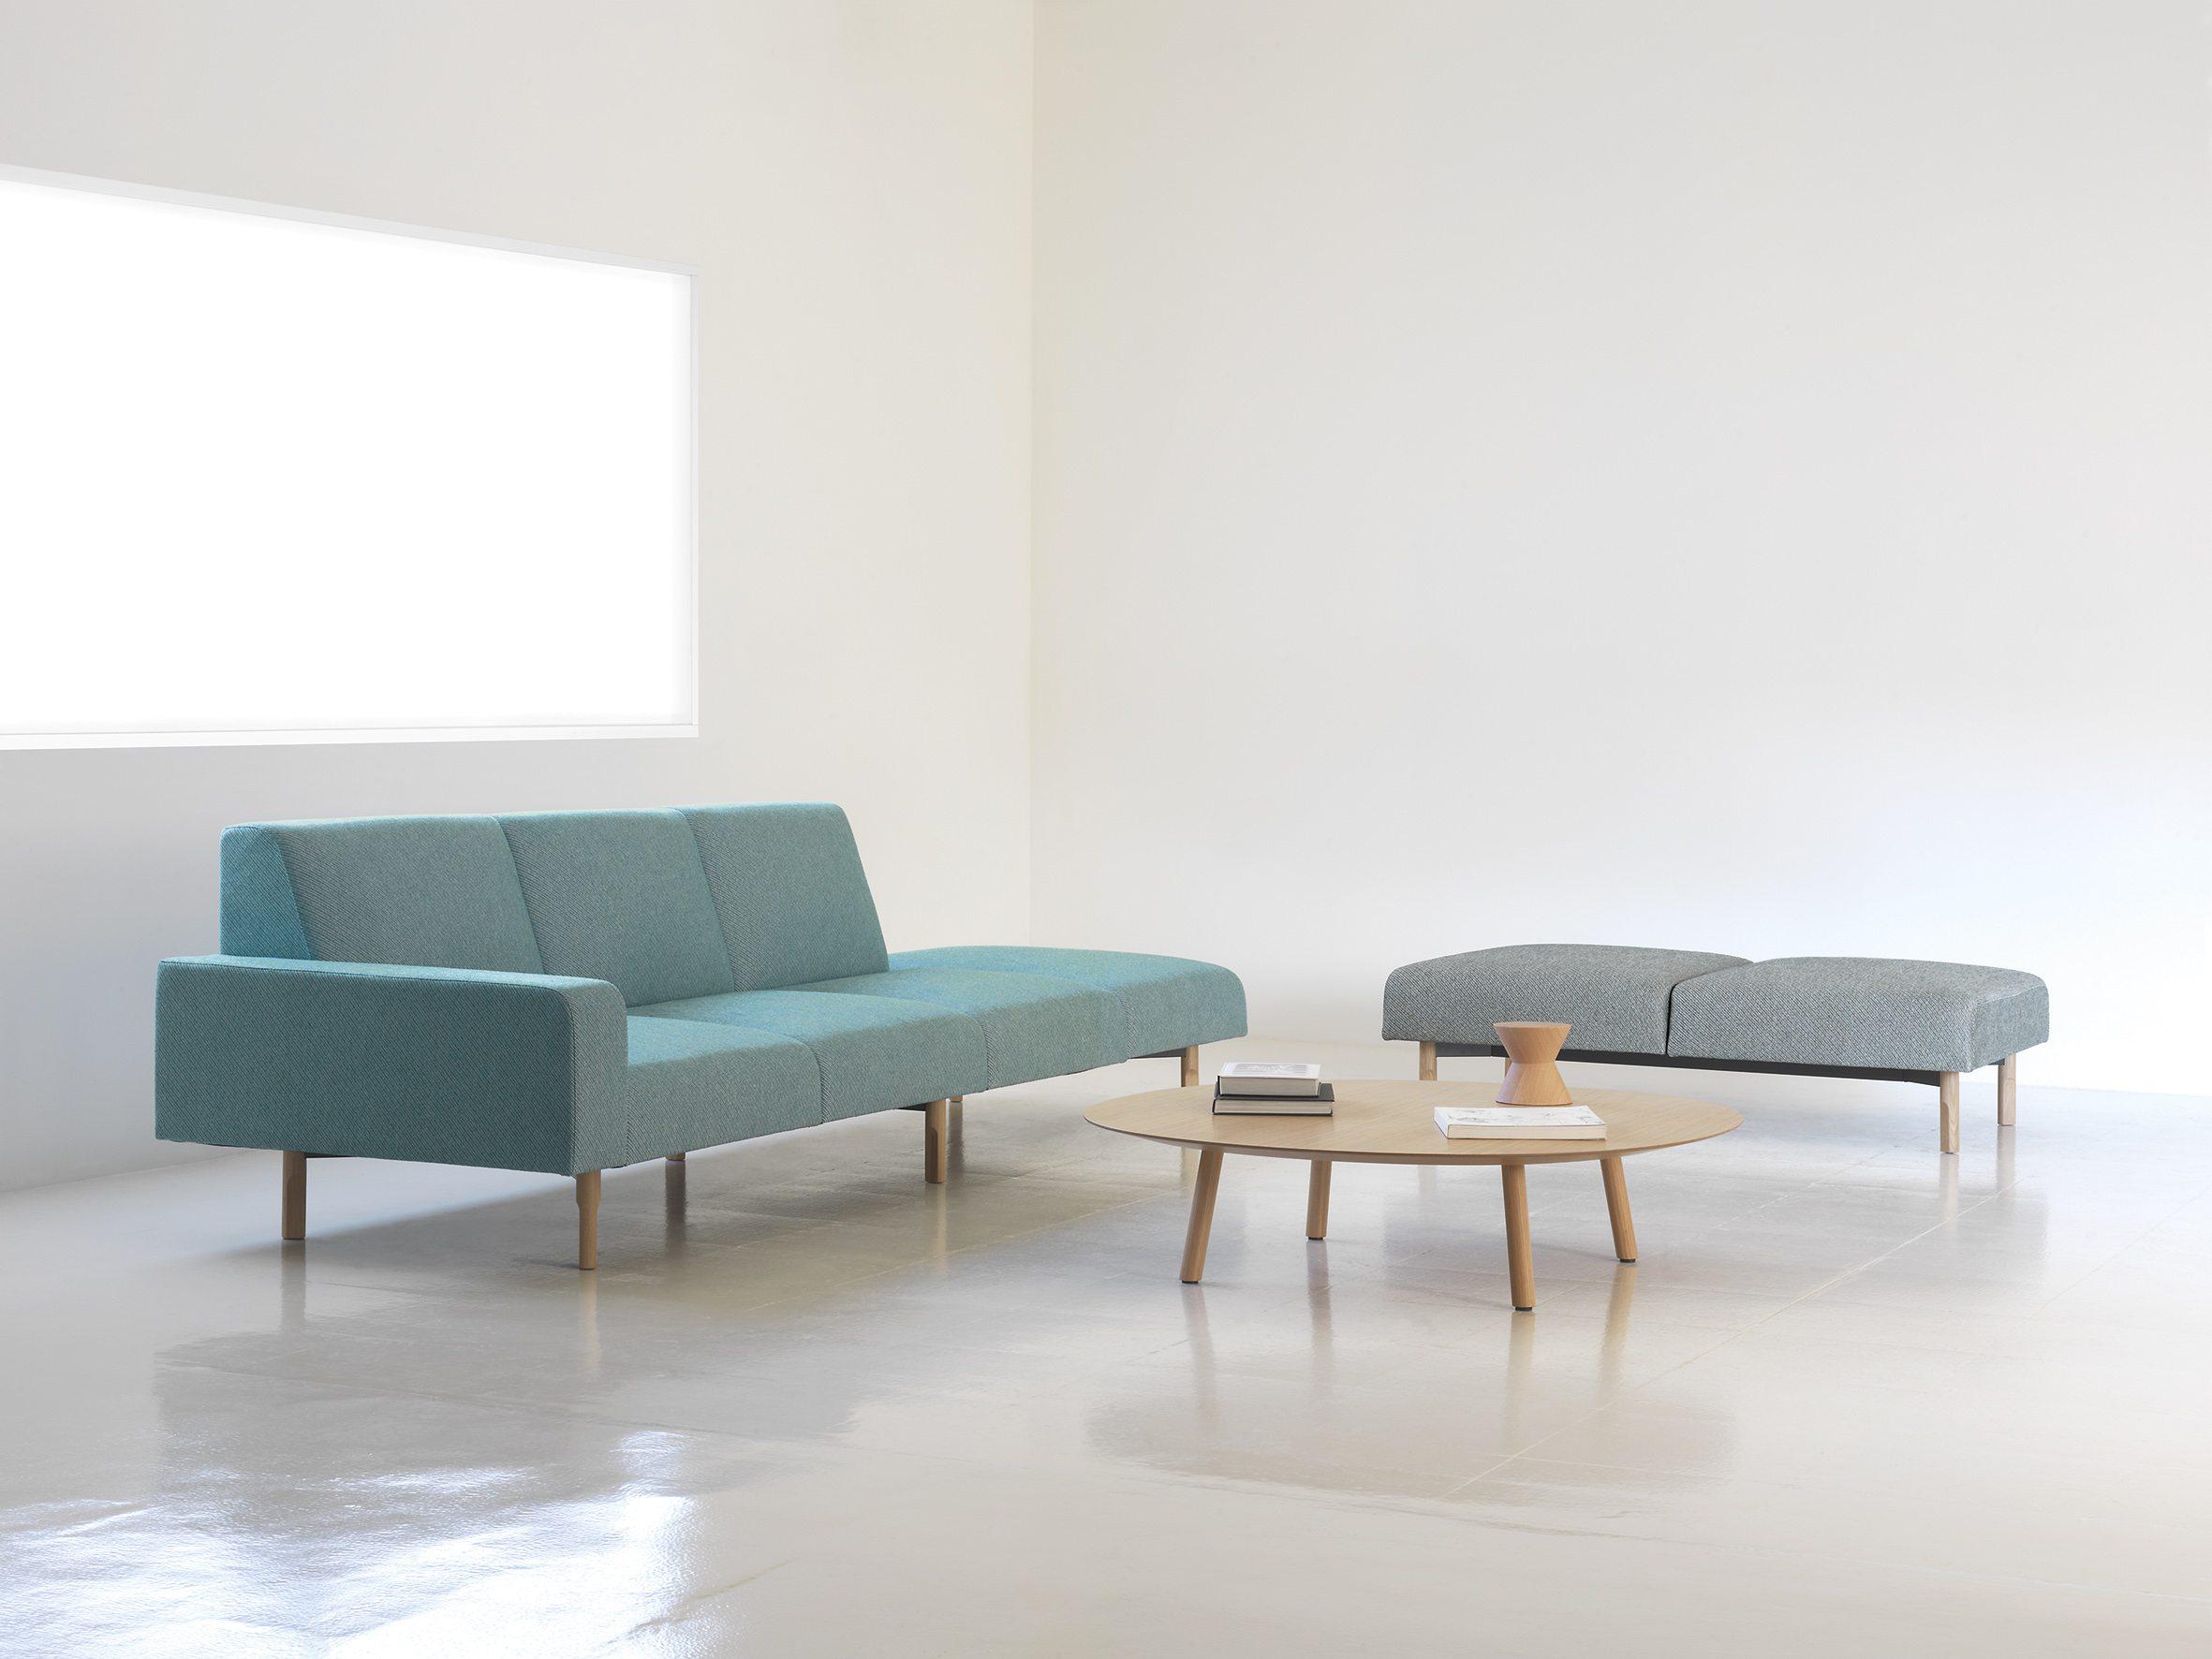 A new collaboration between Mikiya Kobayashi, Aquaclean and Viccarbe